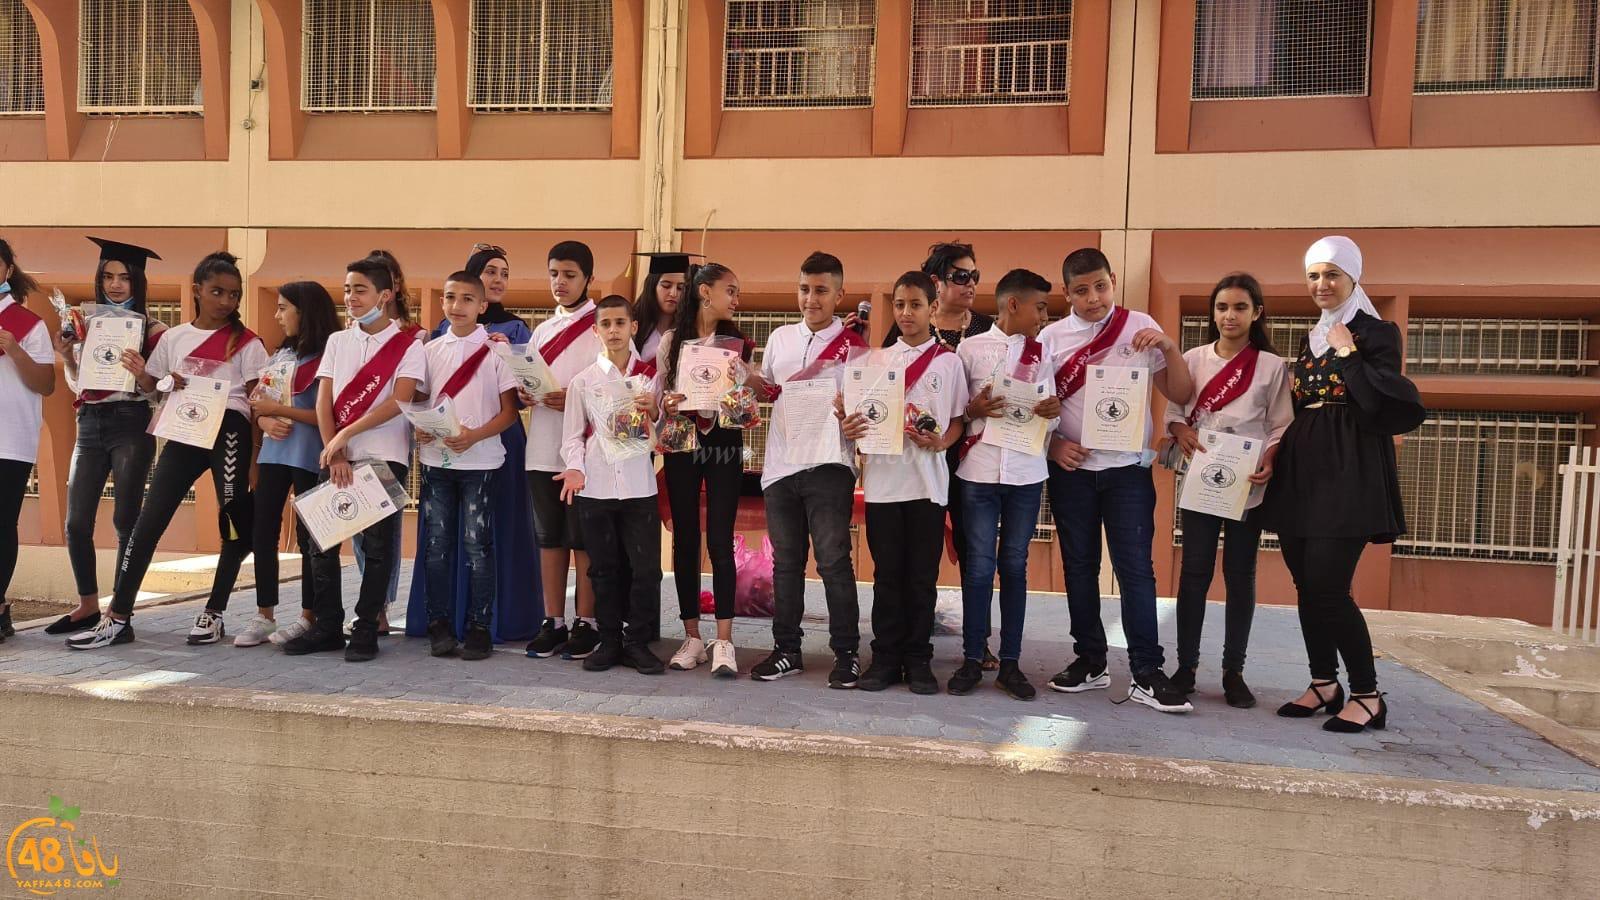 مدرسة الرازي الابتدائيّة في اللّد تحتفل بتخريج فوج من طلّابها